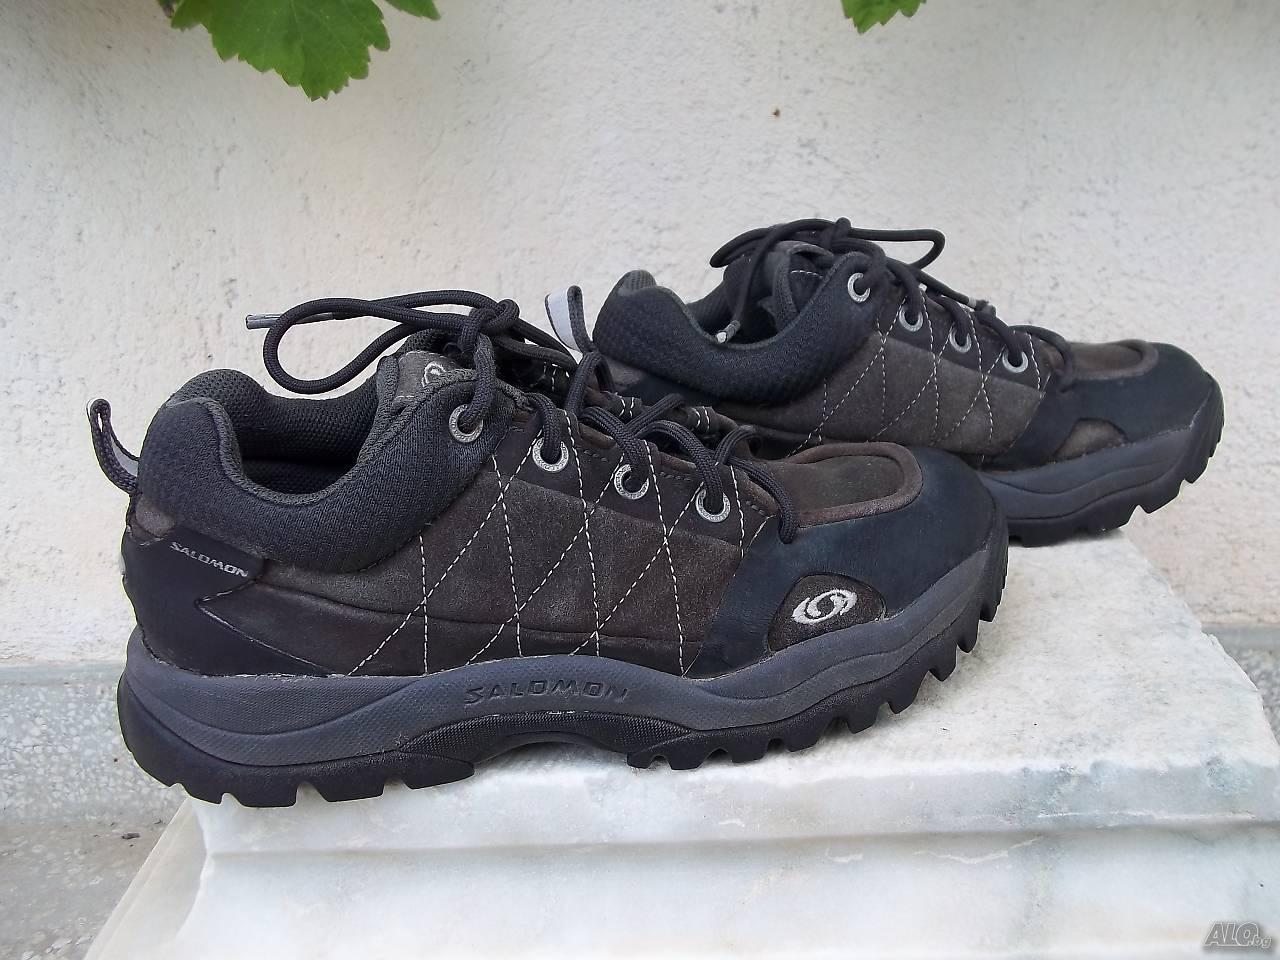 598b479e1f6 Велурени обувки маратонки SALOMON EU 38 Маратонки Дамски сив ...